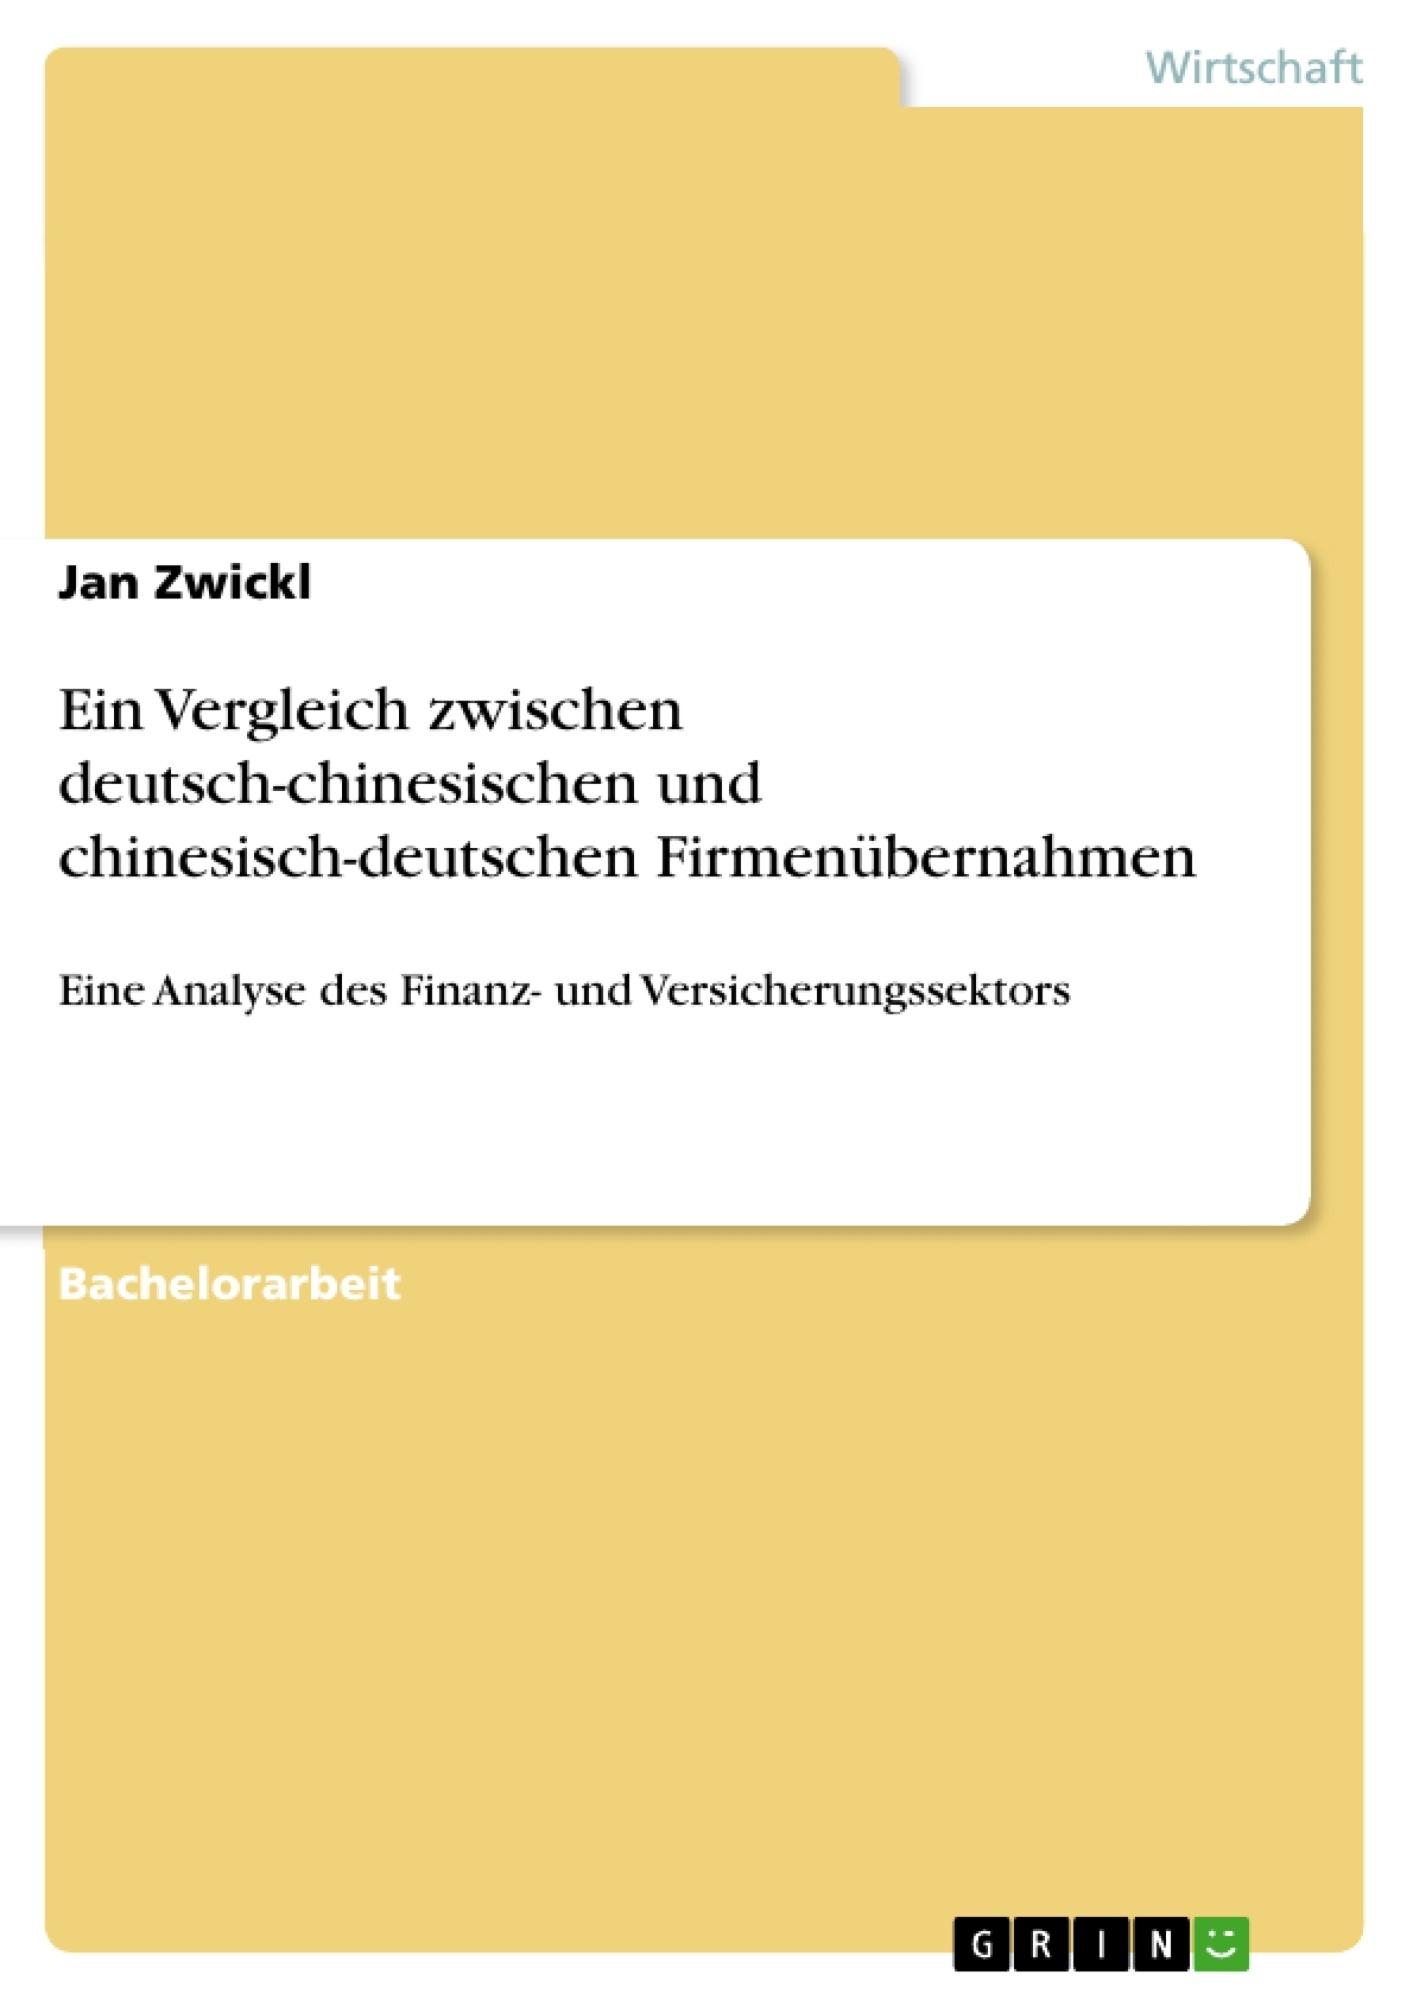 Titel: Ein Vergleich zwischen deutsch-chinesischen und chinesisch-deutschen Firmenübernahmen